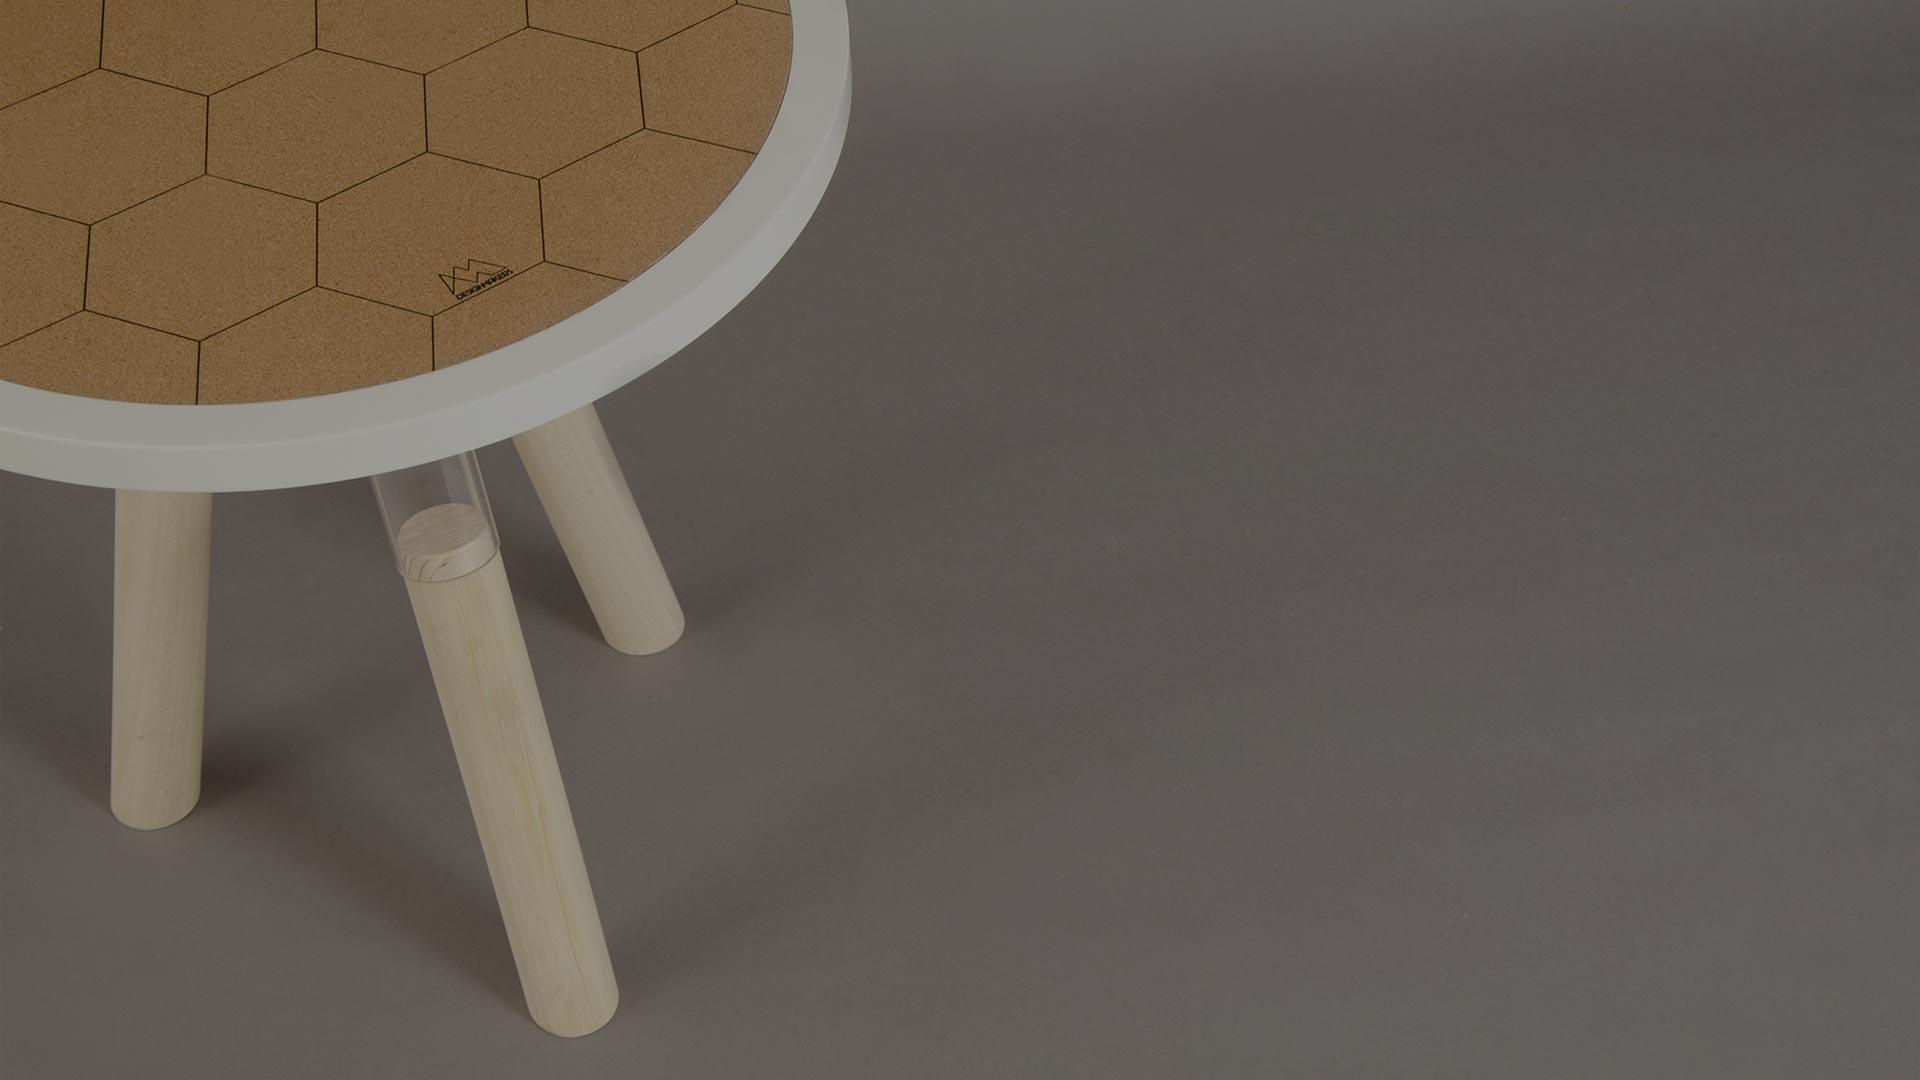 Realizzazione progetti di design arredo prototipazione for Oggetti arredo design